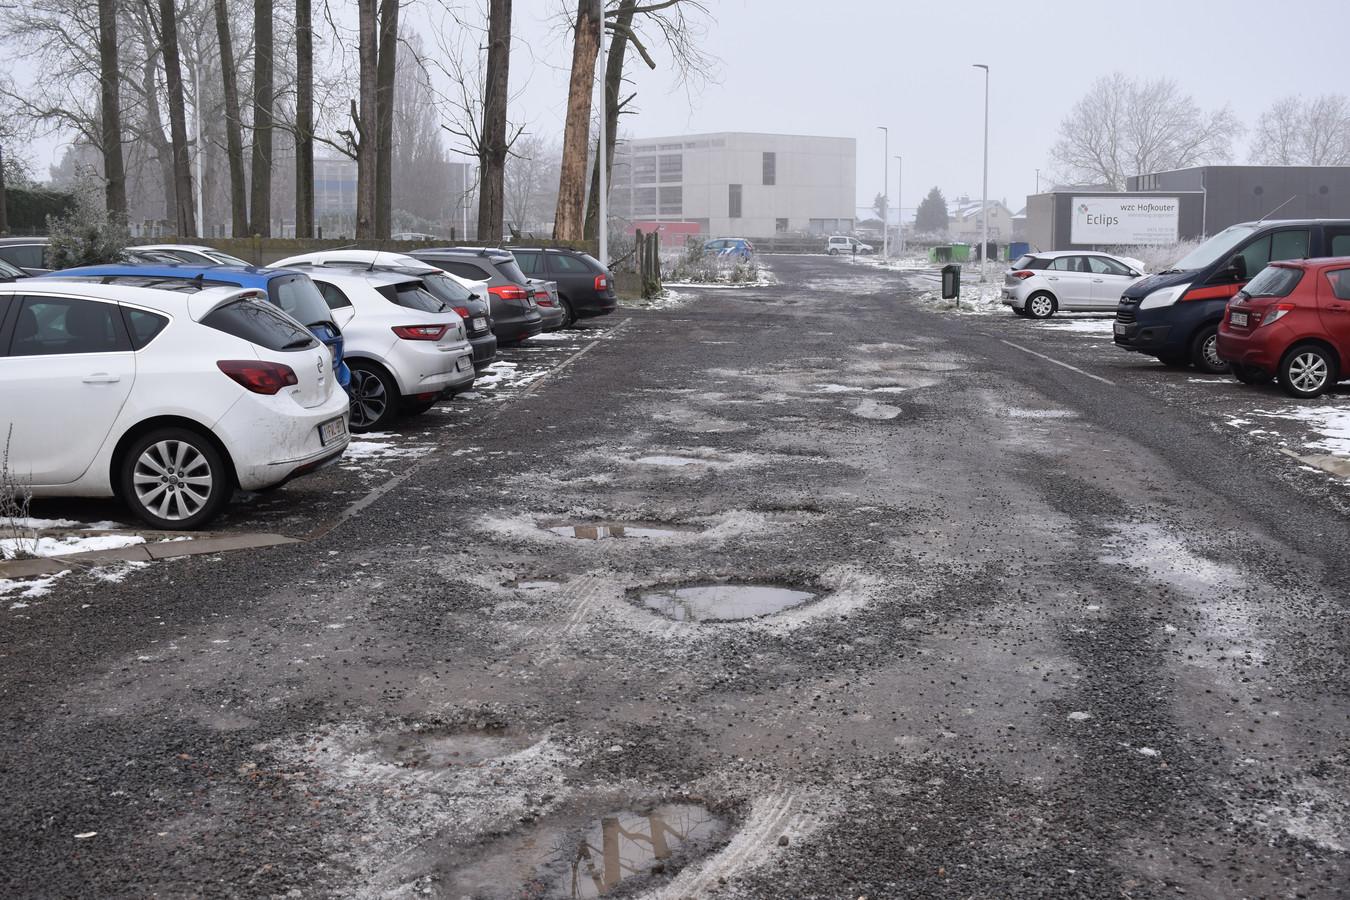 De parking ligt vol met diepe putten.